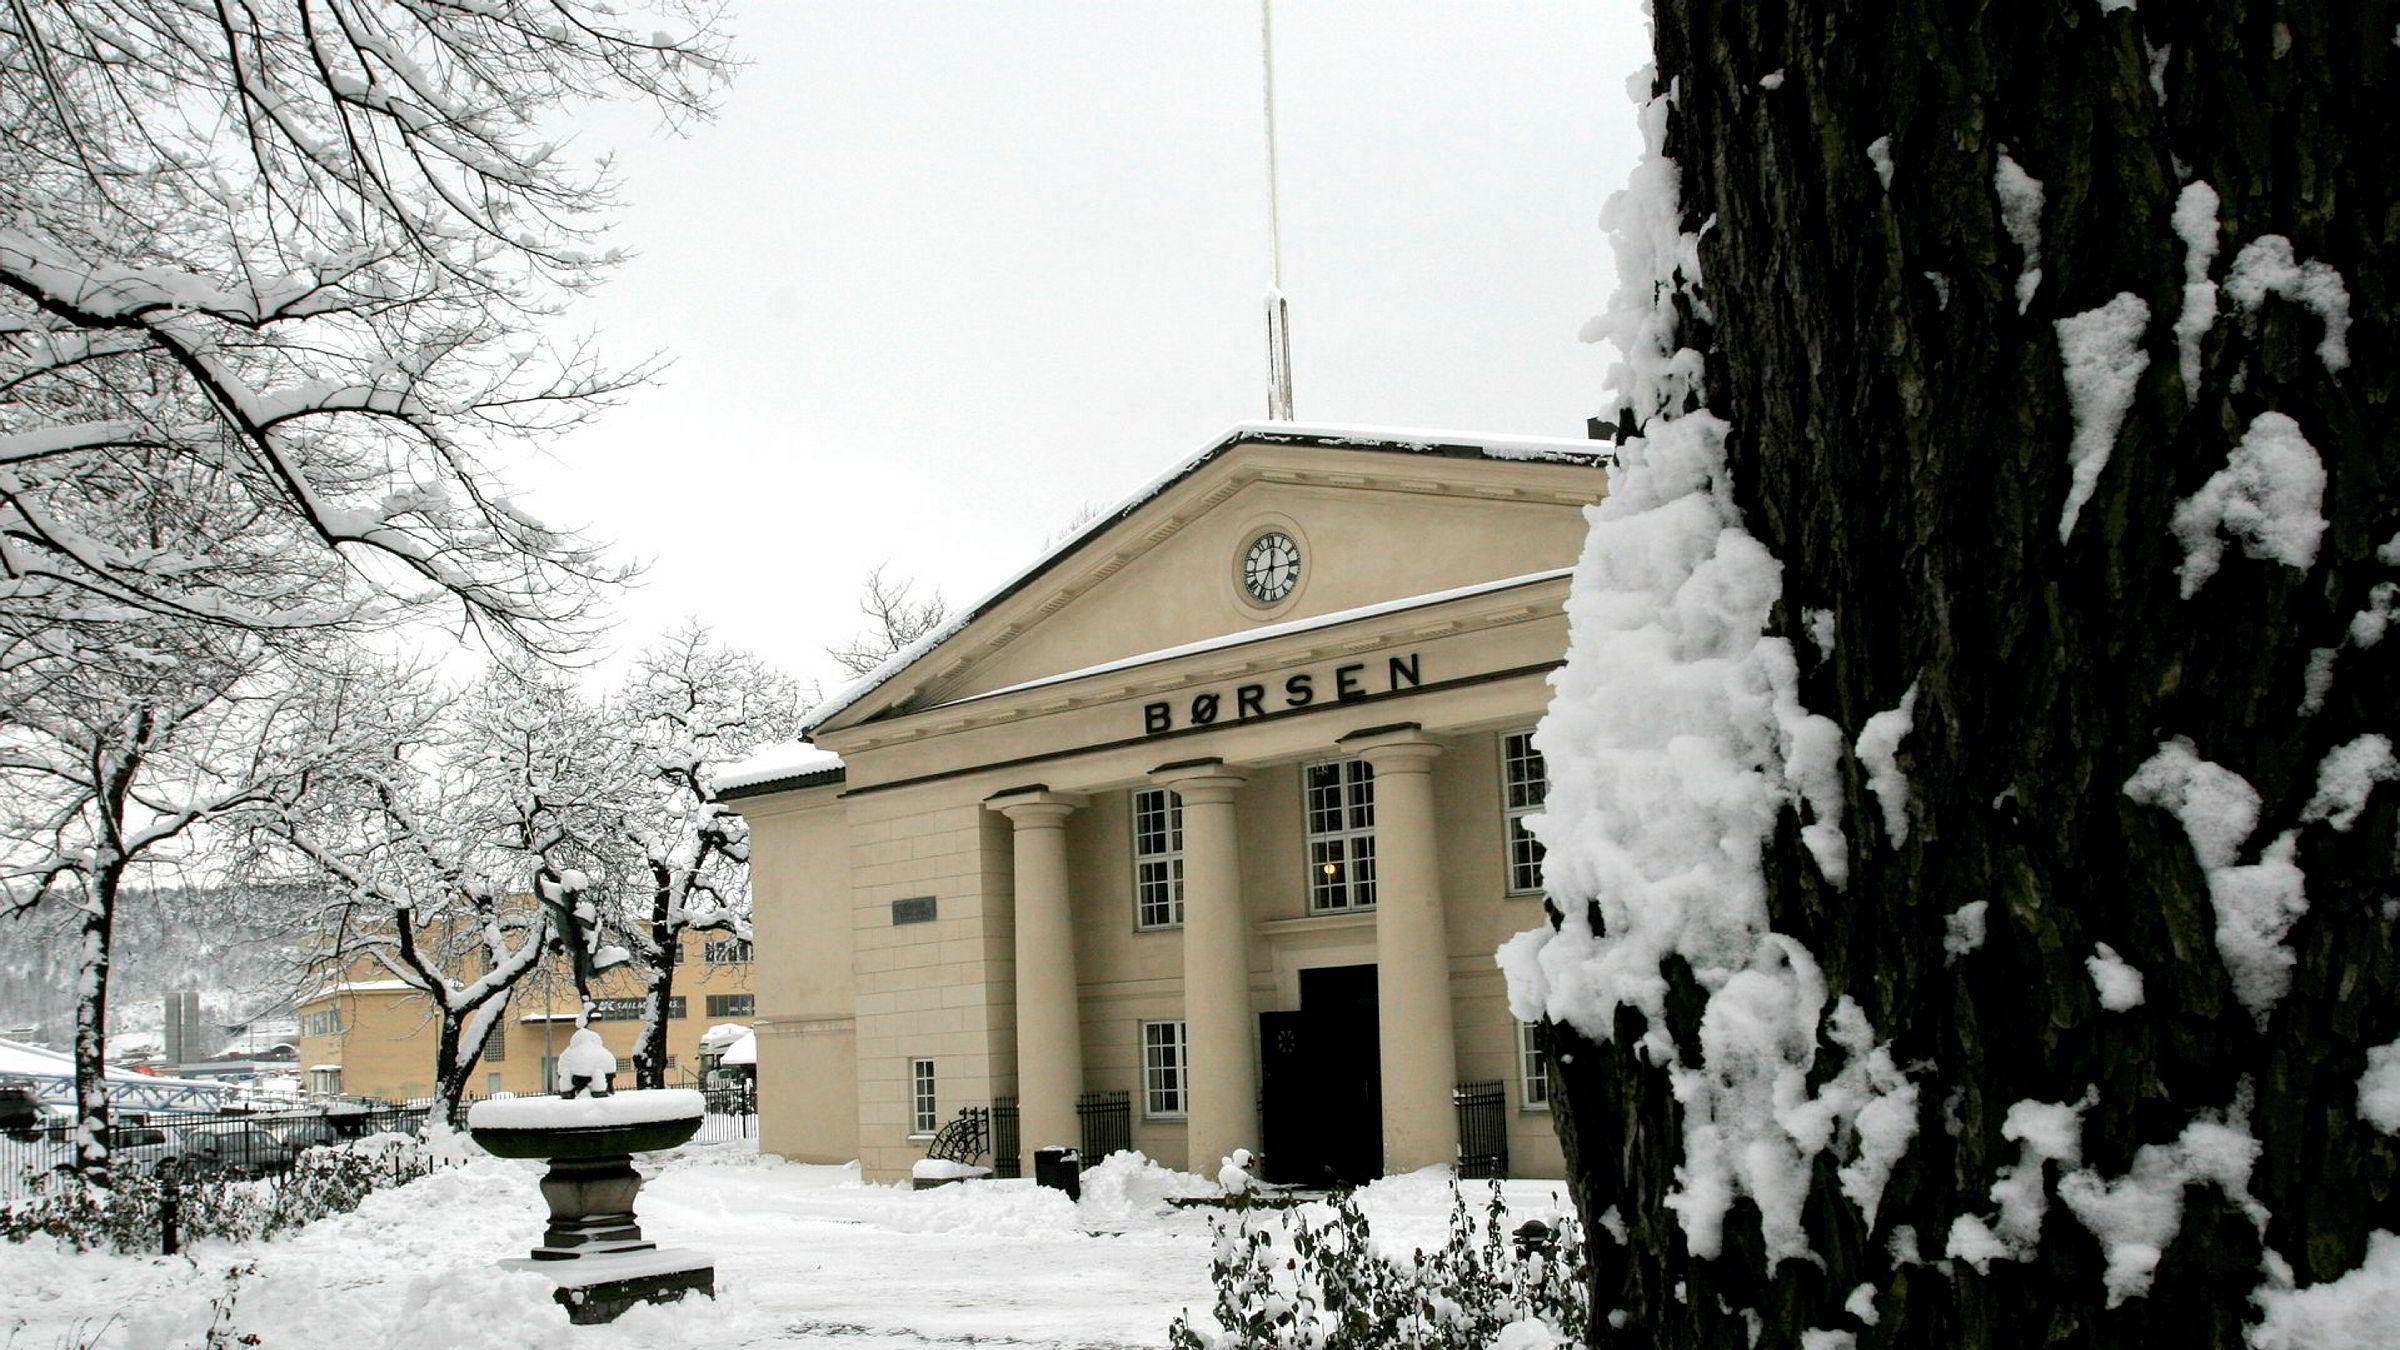 DN presenterer syv aksjer på Oslo Børs det kan smelle i over nyttår.